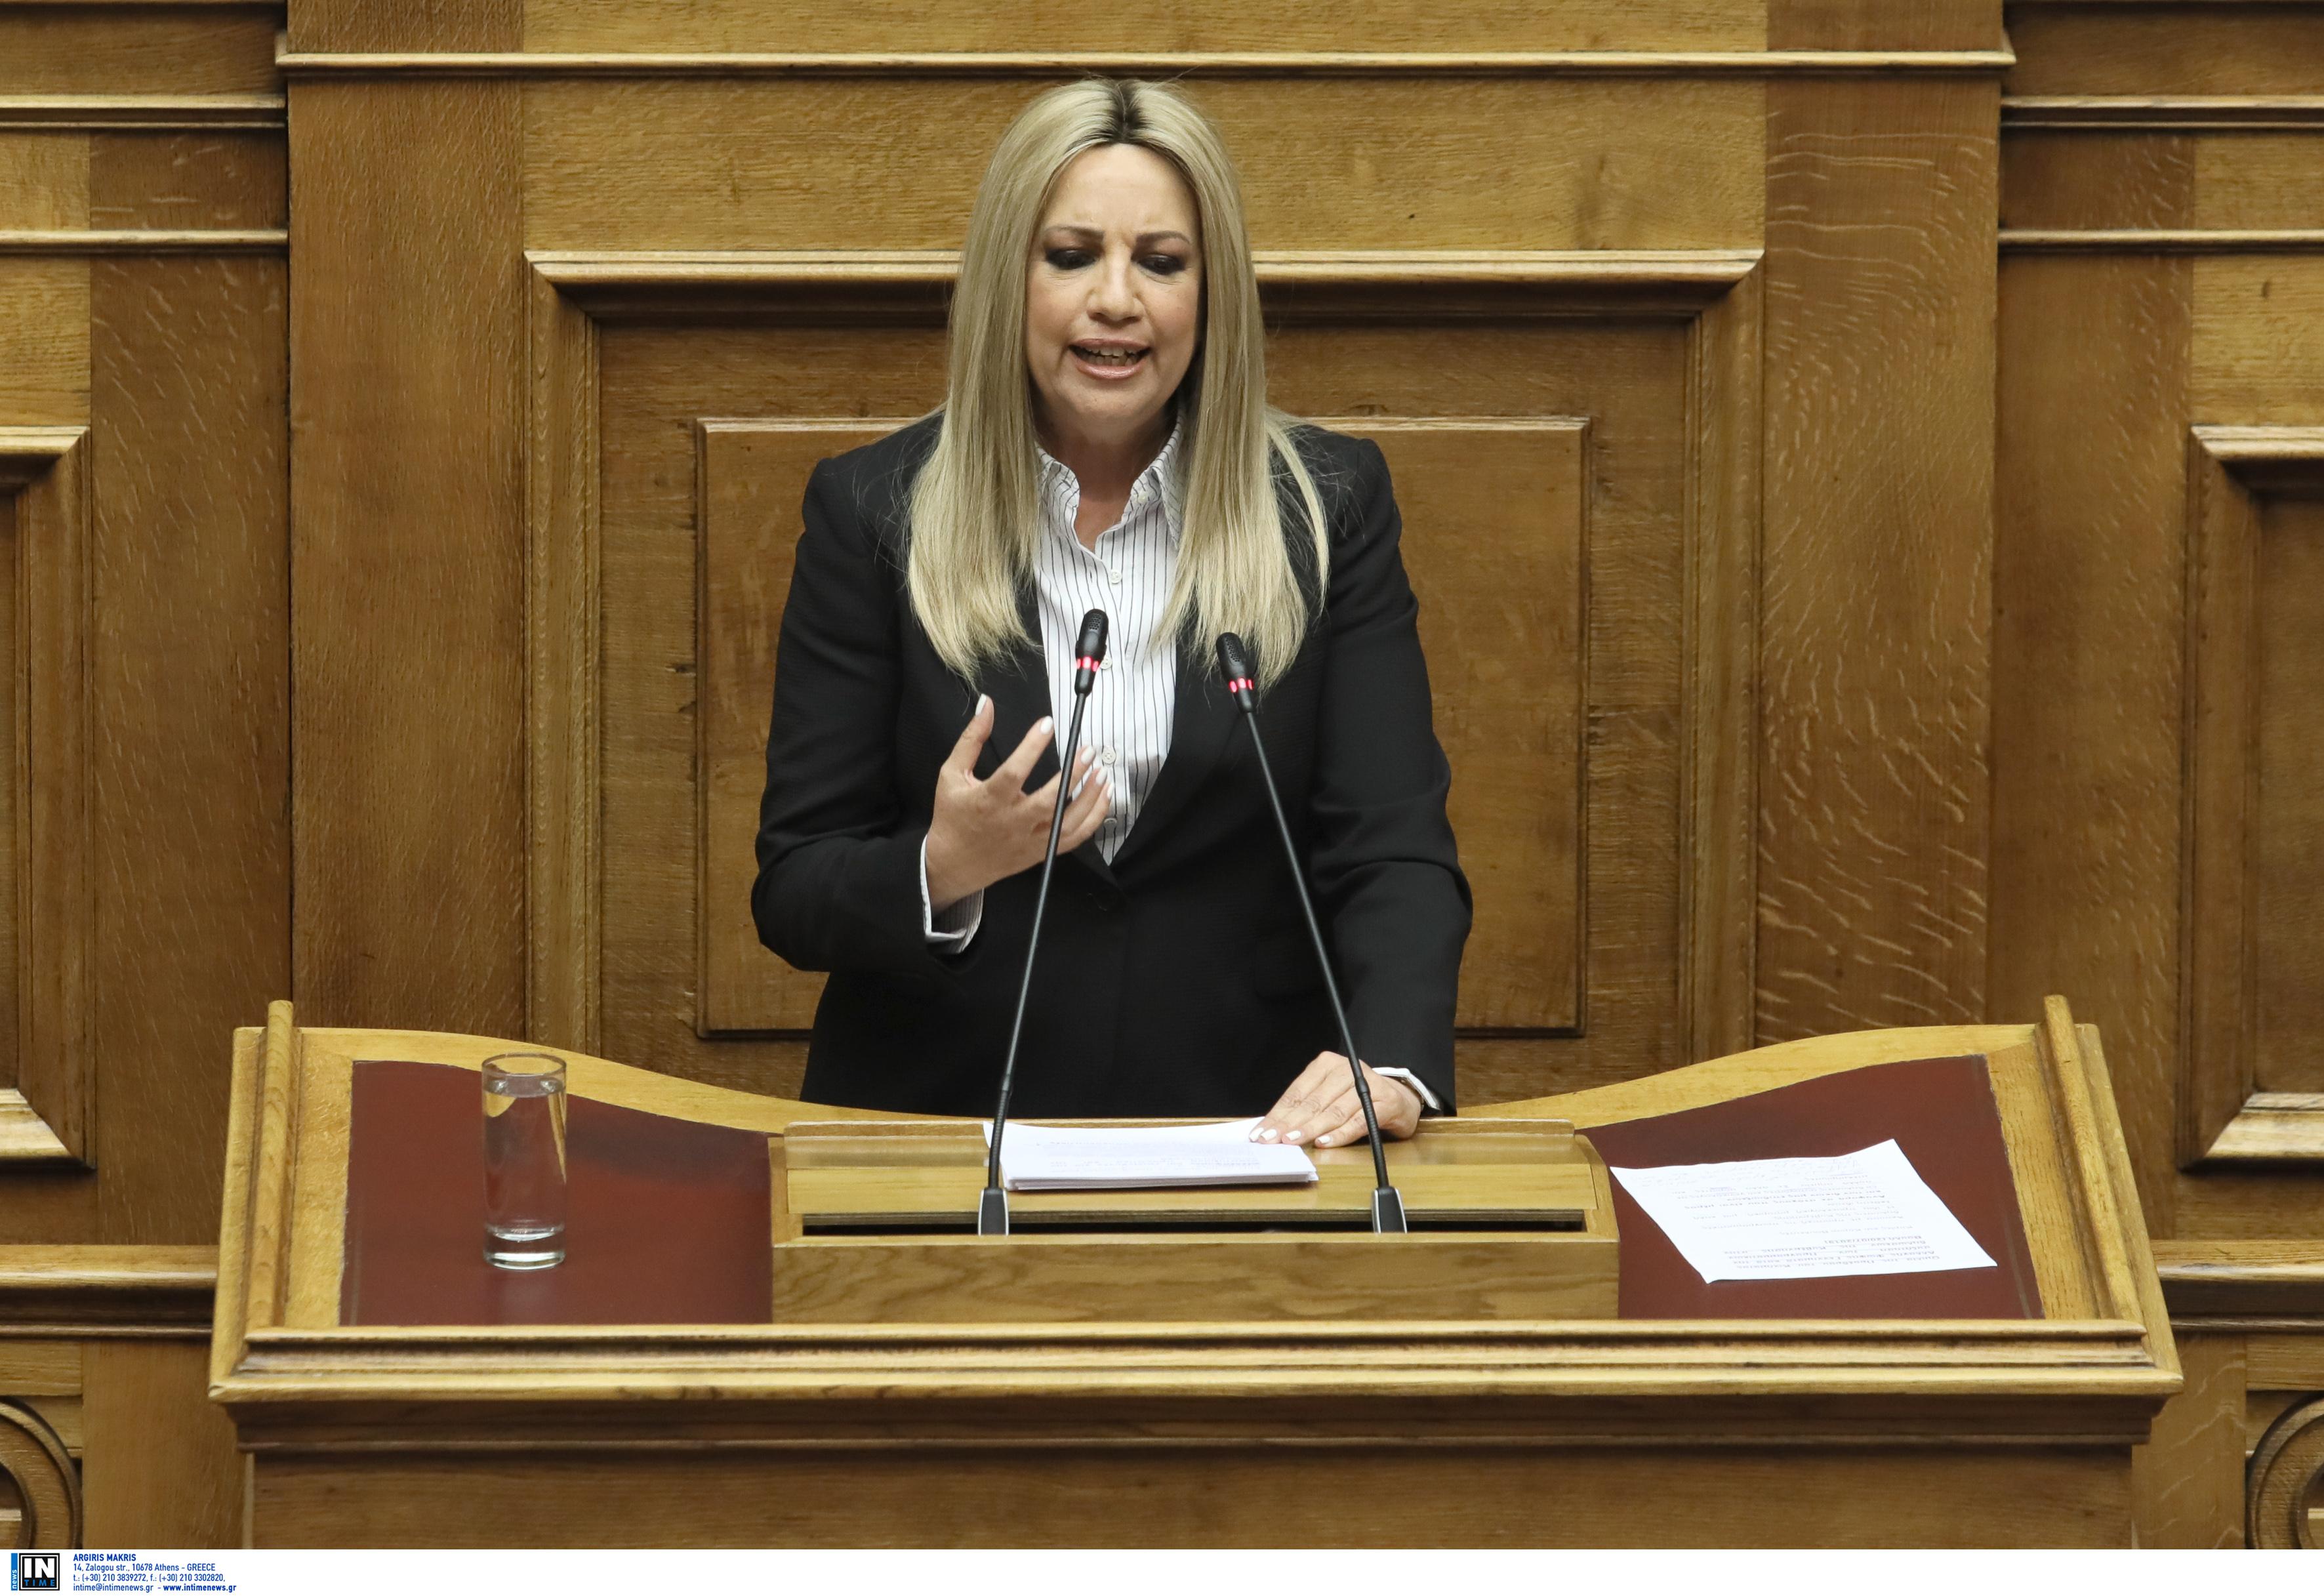 ΔΕΘ 2019: Το πρόγραμμα της Φώφης Γεννηματά στην 84η Διεθνή Έκθεση Θεσσαλονίκης